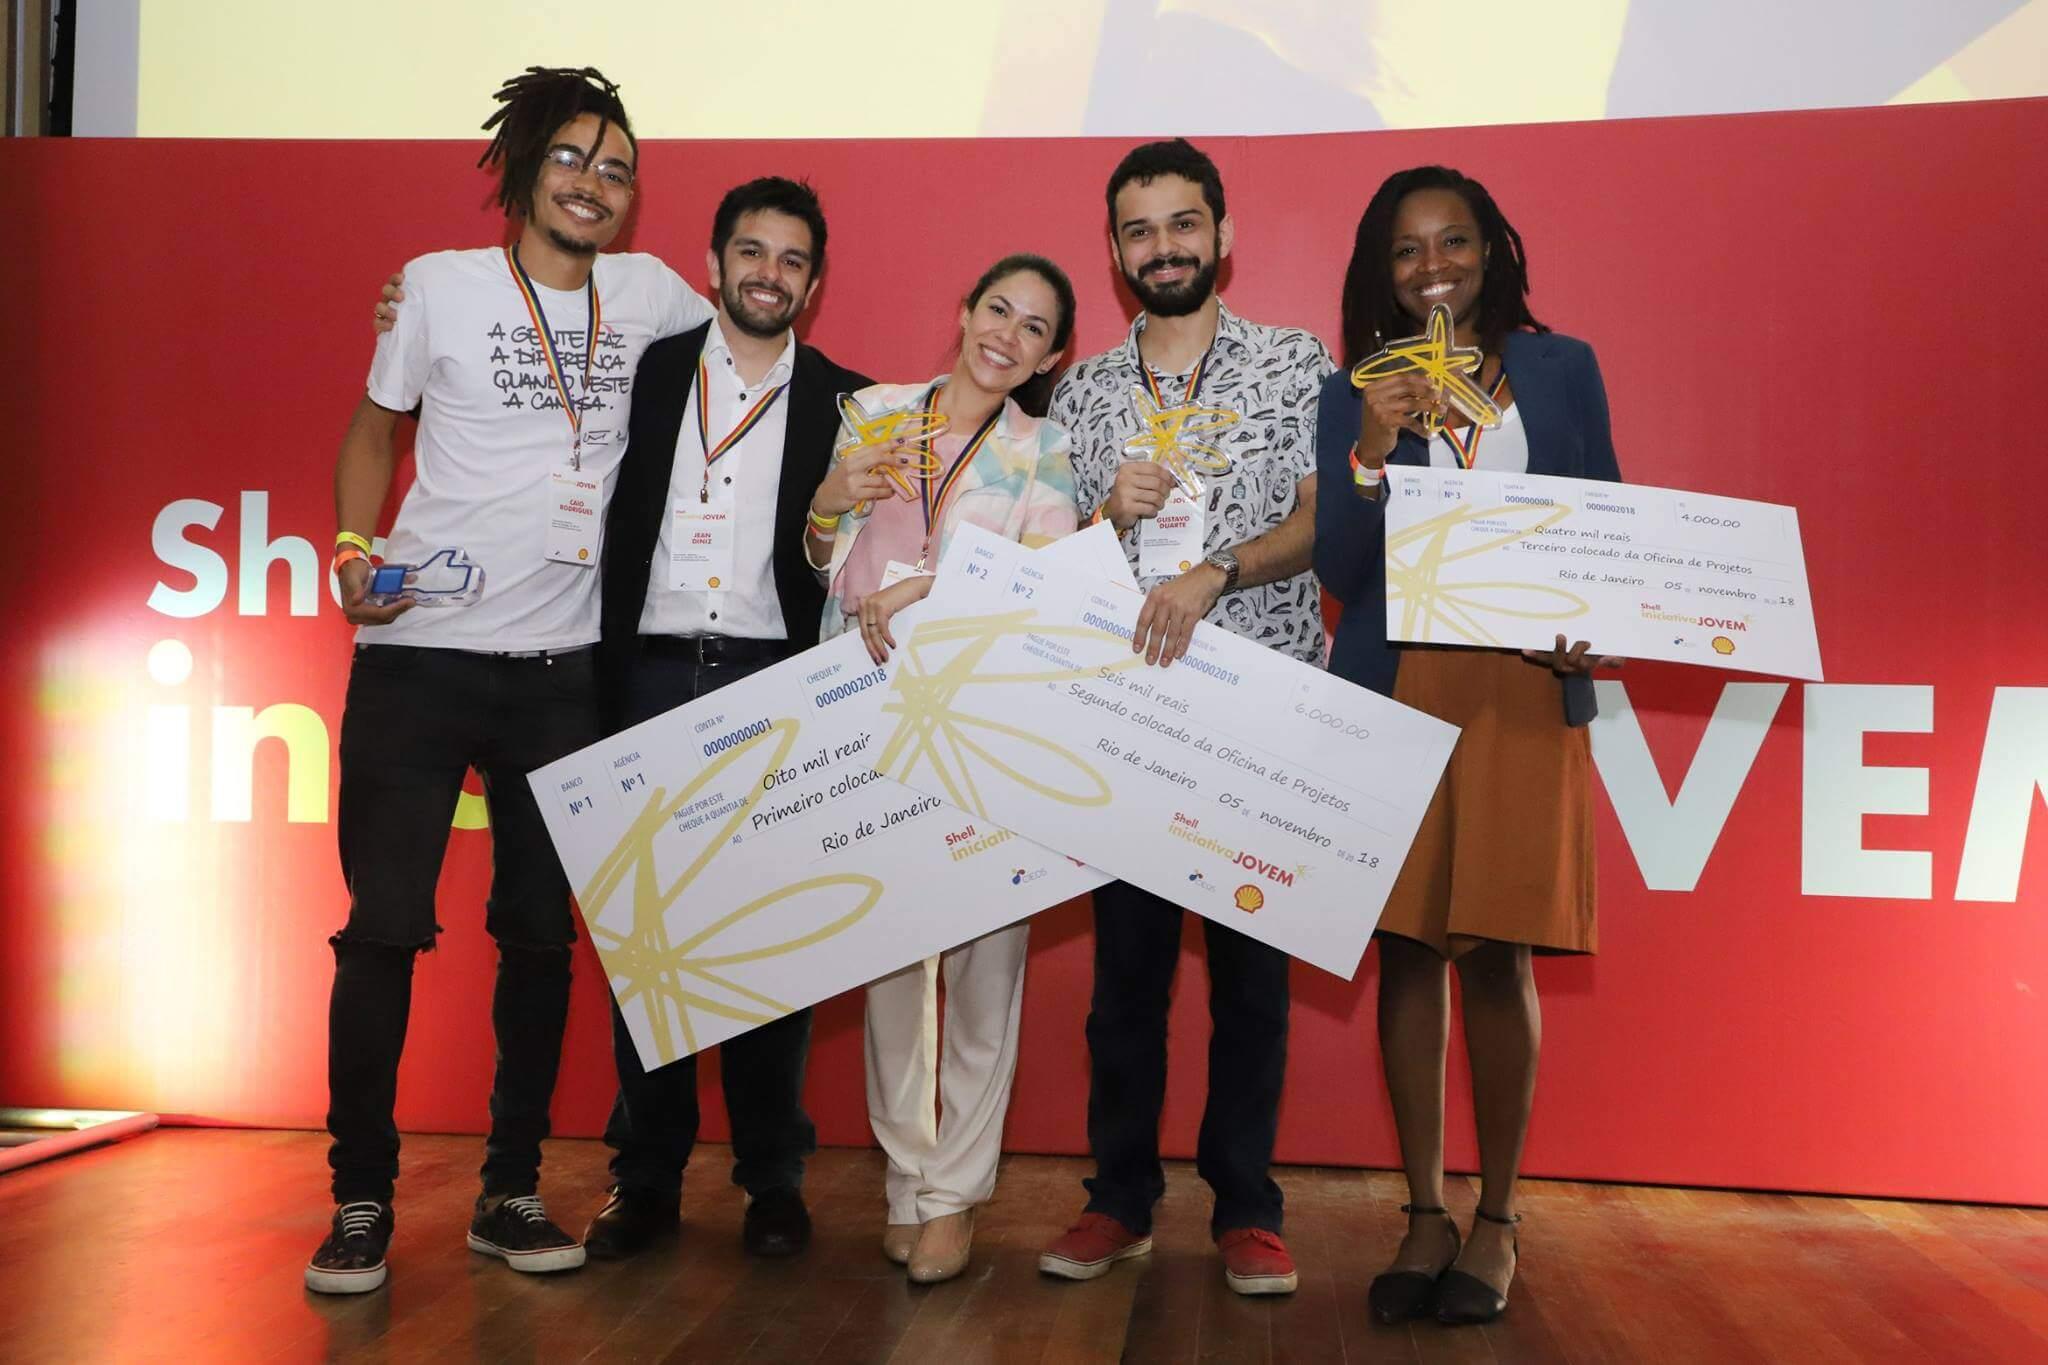 Shell Iniciativa Jovem vencedores